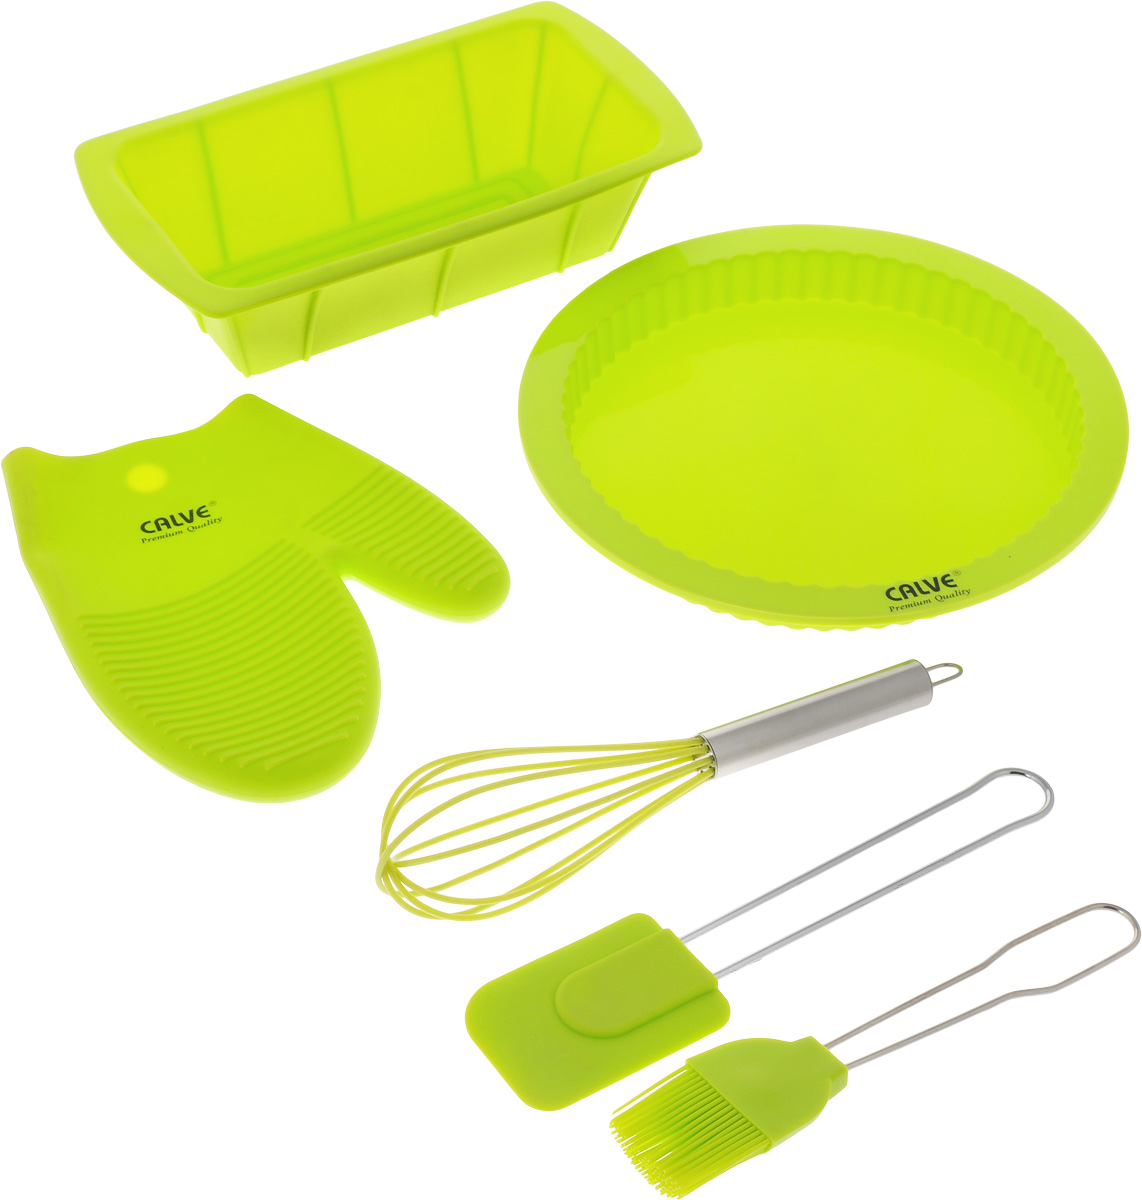 Набор для выпечки Calve, цвет: салатовый, 6 предметовFS-91909Набор для выпечки Calve состоит из формы для пирога, формы для кекса, прихватки-варежки, венчика, лопатки и кисточки. Это самые востребованные приборы для приготовления выпечки. Все предметы набора выполнены из высококачественного и термостойкого силикона. Ручки лопатки, кисточки и венчика выполнены из нержавеющей стали. Изделия безопасны для посуды с антипригарным и керамическим покрытием. Формы для выпечки можно использовать в духовых шкафах и микроволновых печах, морозильных камерах и мыть в посудомоечной машине.Набор для выпечки Calve станет отличным дополнением к коллекции ваших кухонных аксессуаров. Размер формы для кекса: 26 х 14 х 6,5 см.Диаметр формы для пирога: 25,5 см. Размер рабочей поверхности лопатки: 8,5 х 6 х 1 см.Длина лопатки: 25 см.Длина ворса кисти: 4 см.Длина кисти: 21 см.Размер прихватки-варежки: 22 х 17 х 2 см. Размер венчика: 7 х 7 х 25 см.